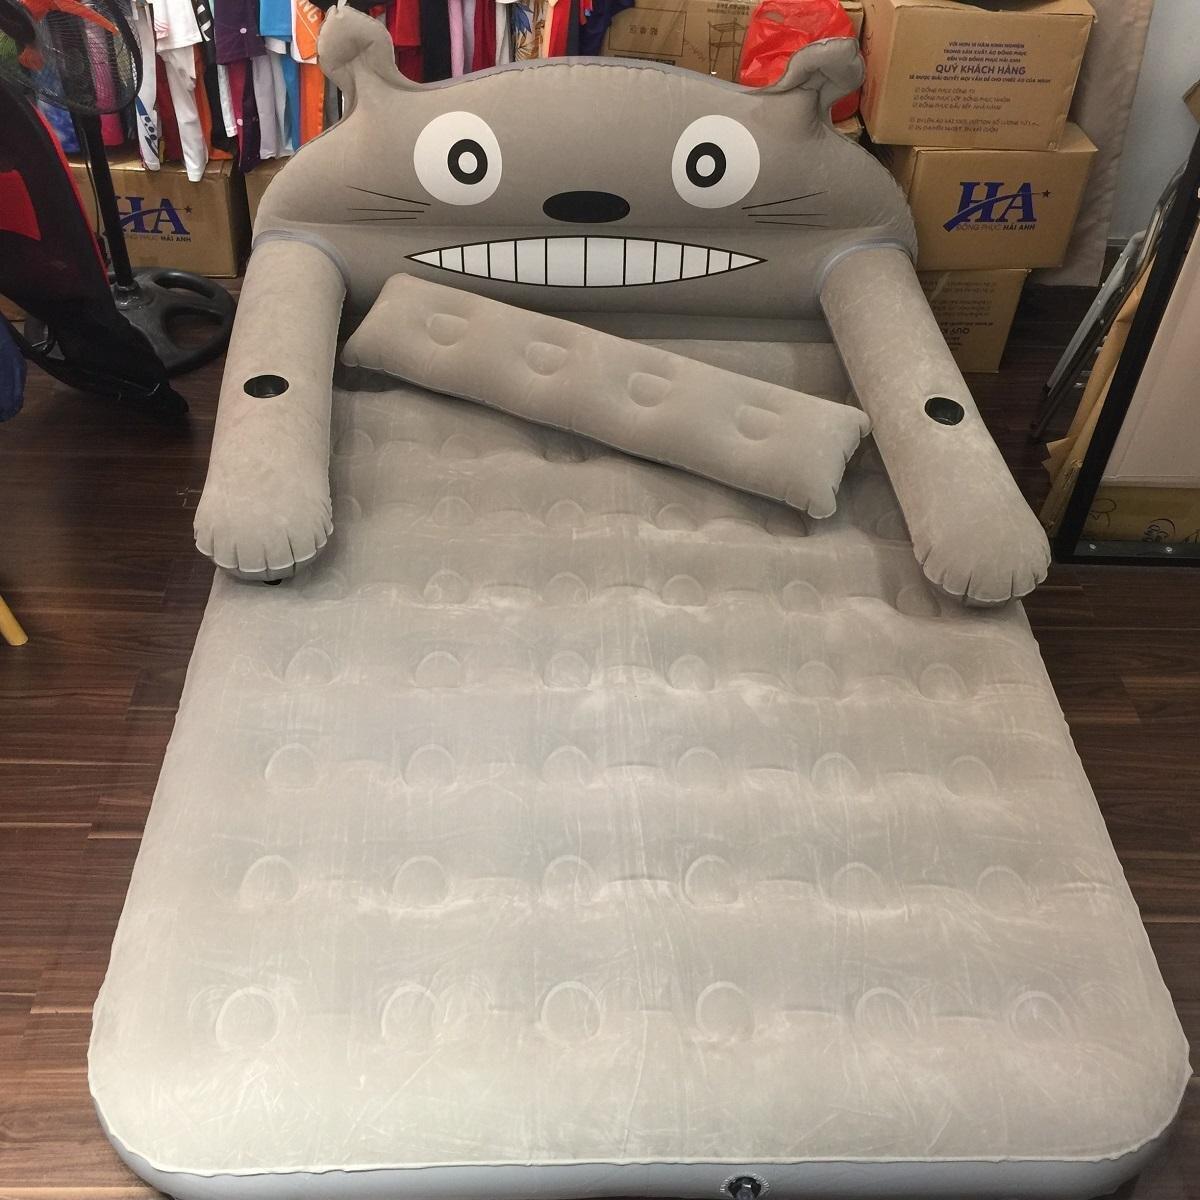 Đệm hơi có hình nhân vật Totoro - là nhân vật hoạt hình Nhật Bản được rất nhiều trẻ em trên thế giới yêu thích